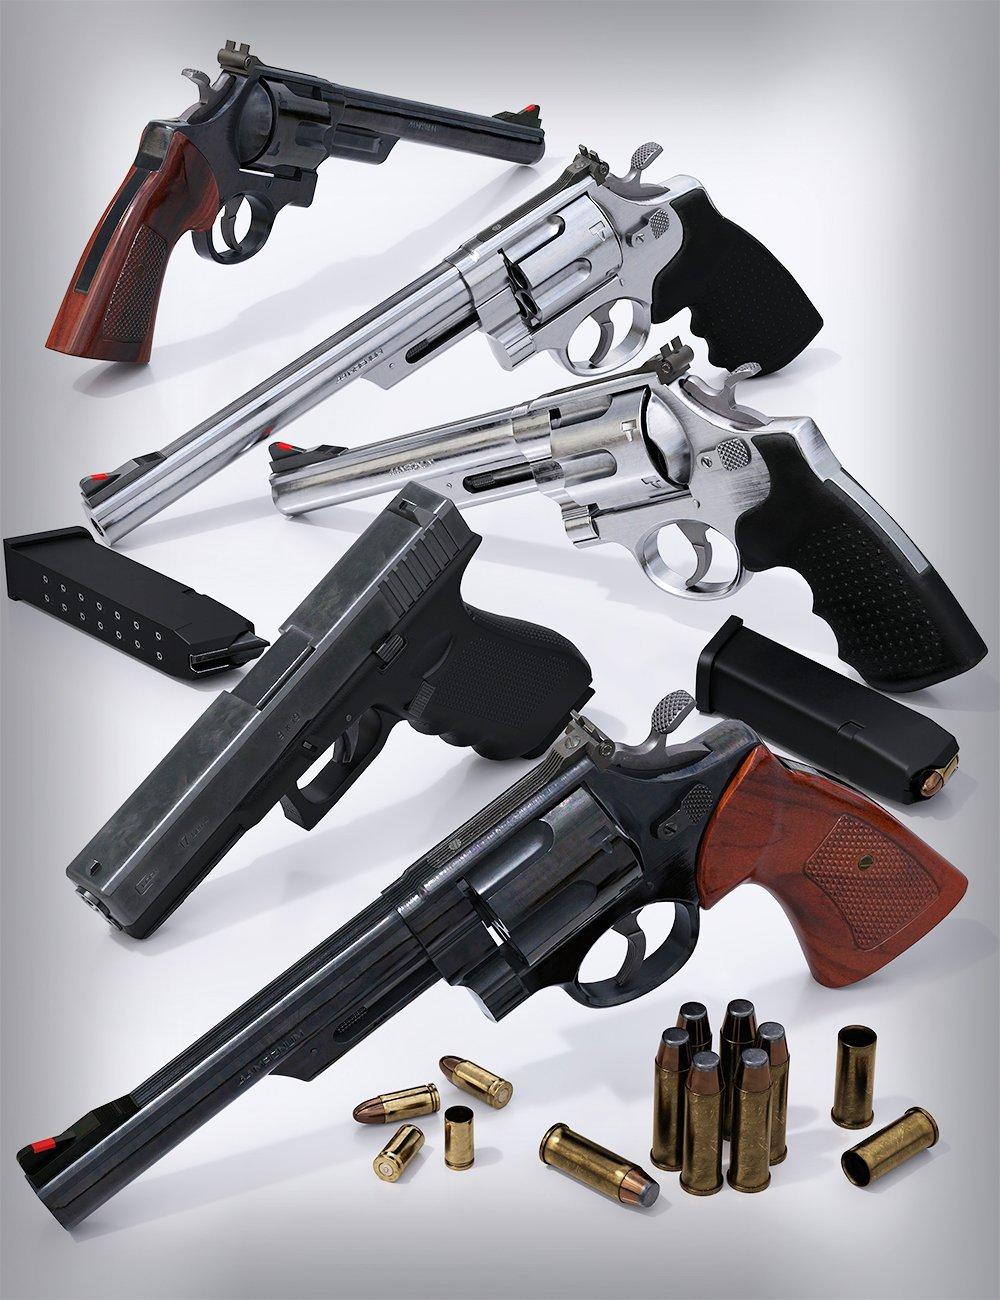 Modern Handguns by: Porsimo, 3D Models by Daz 3D